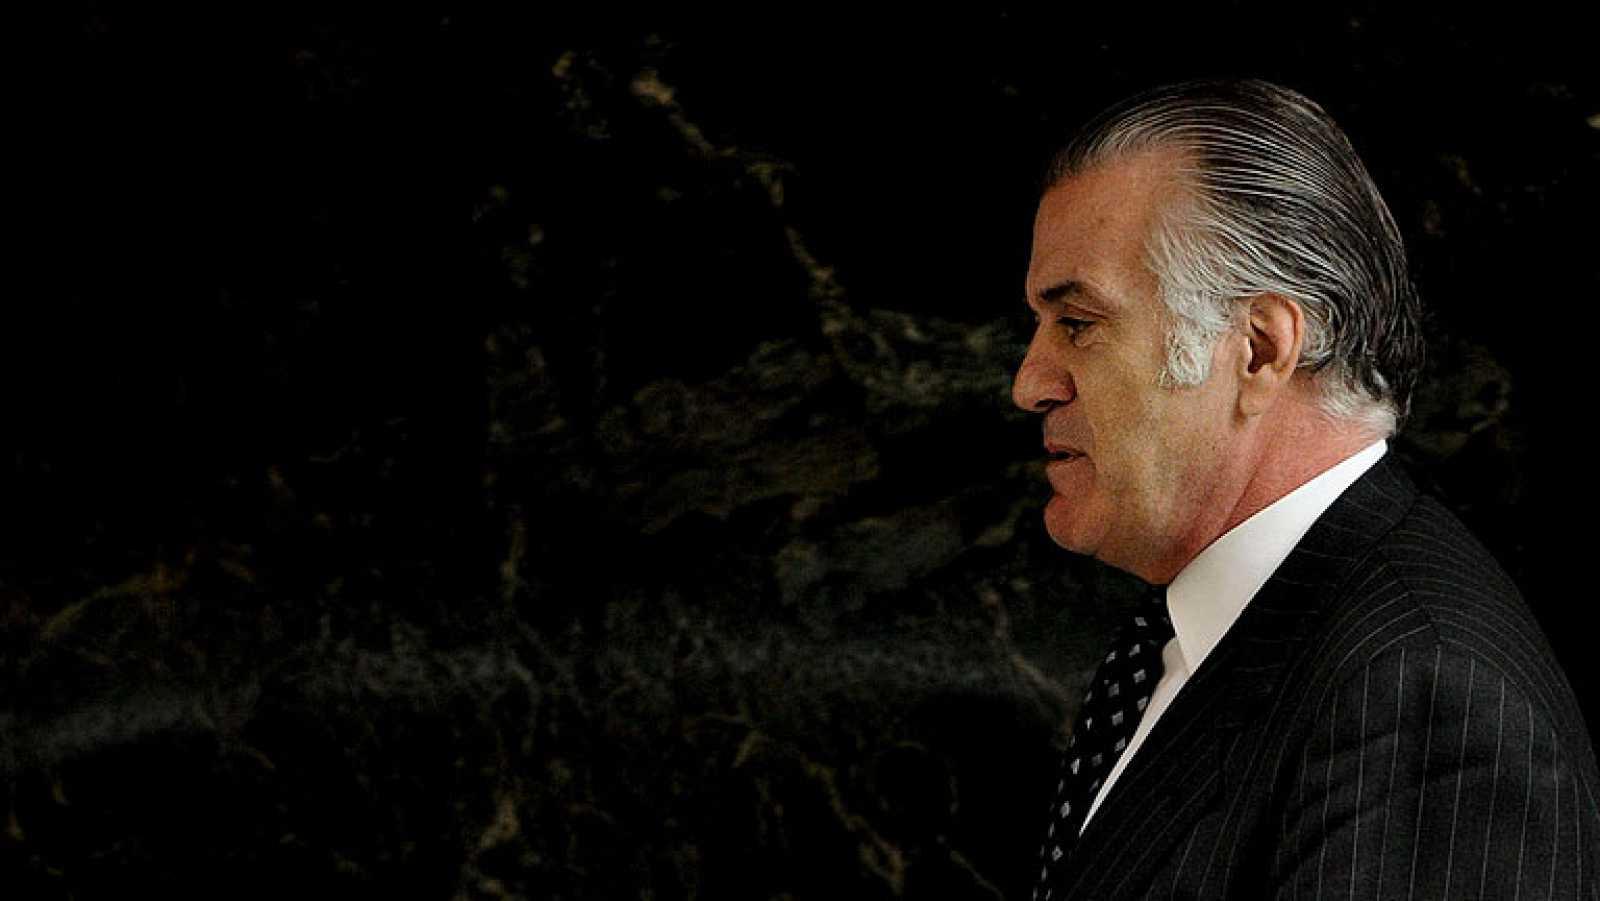 Bárcenas explica la presunta financiación ilegal y dice que pagó 90.000 euros a Rajoy y Cospedal